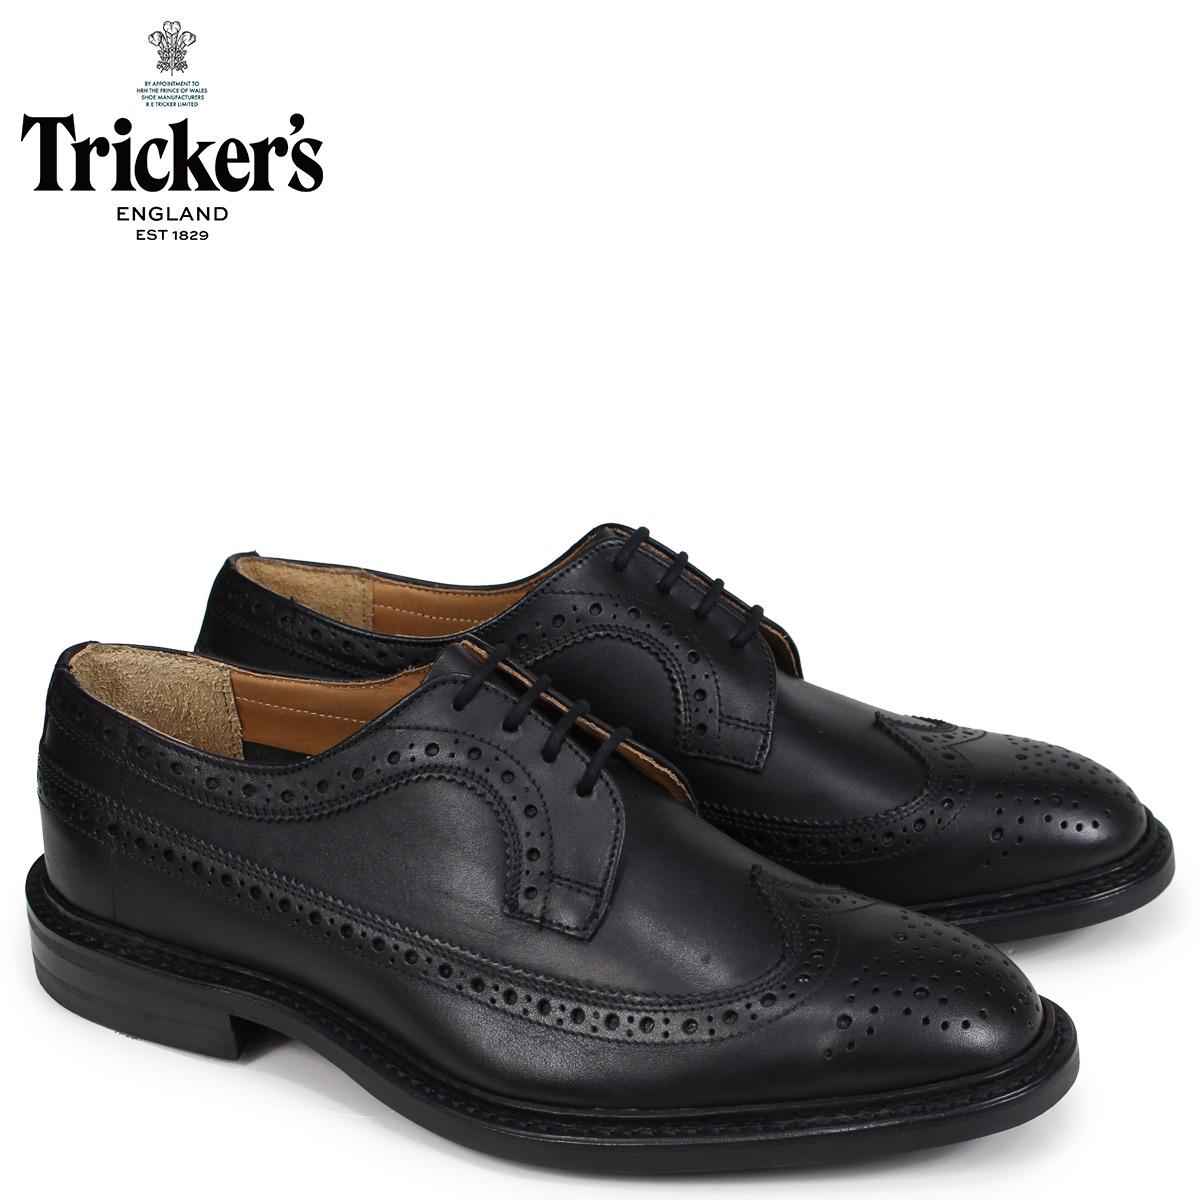 トリッカーズ Trickers ウイングチップ シューズ RICHARD 5ワイズ メンズ ブラック 5164